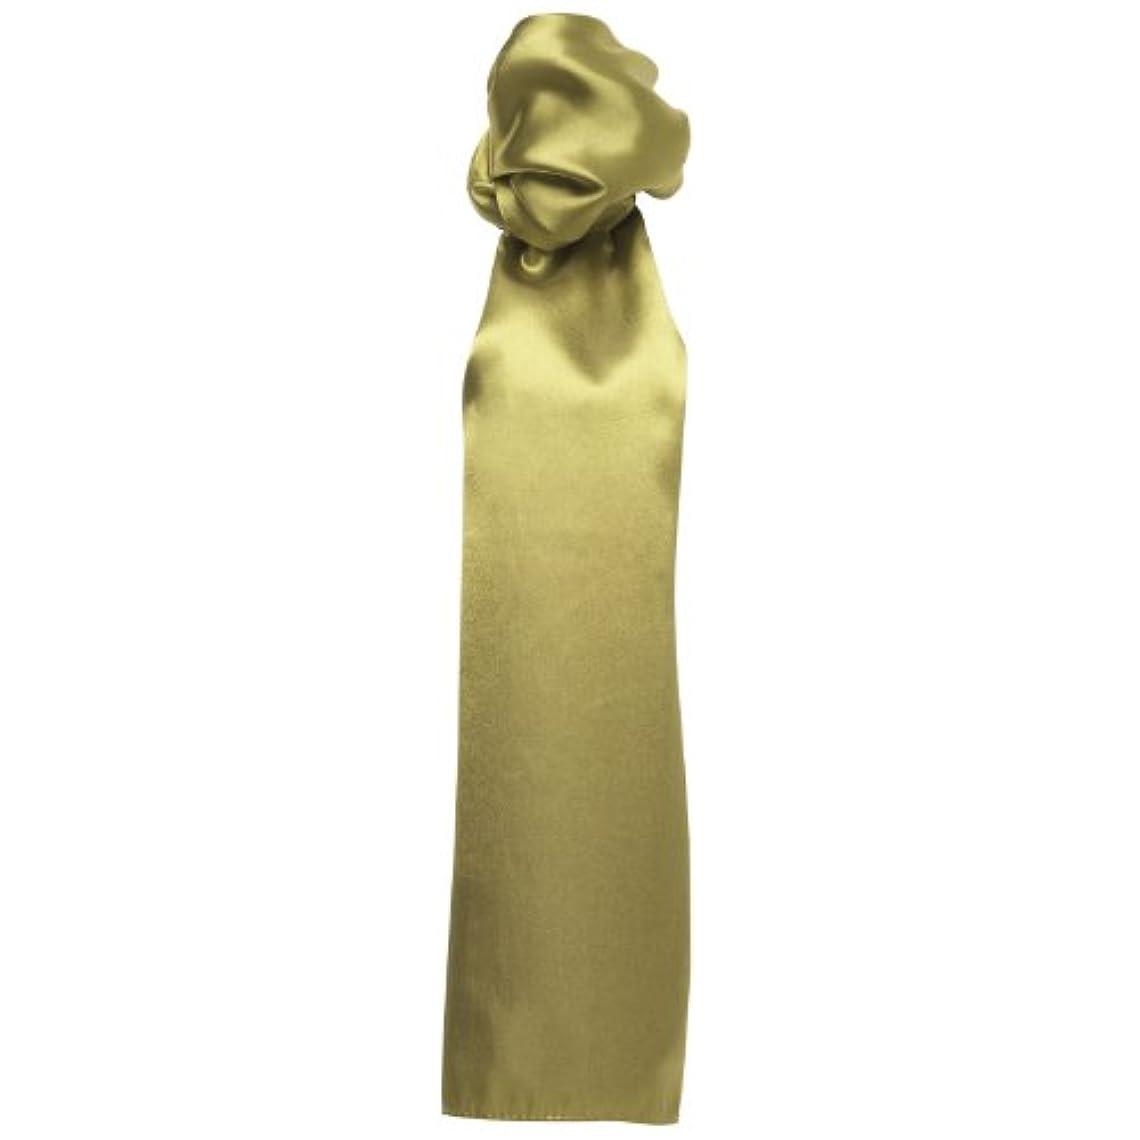 浸漬逃げるただやる(プレミエ) Premier レディース 無地 ビジネススカーフ 女性用